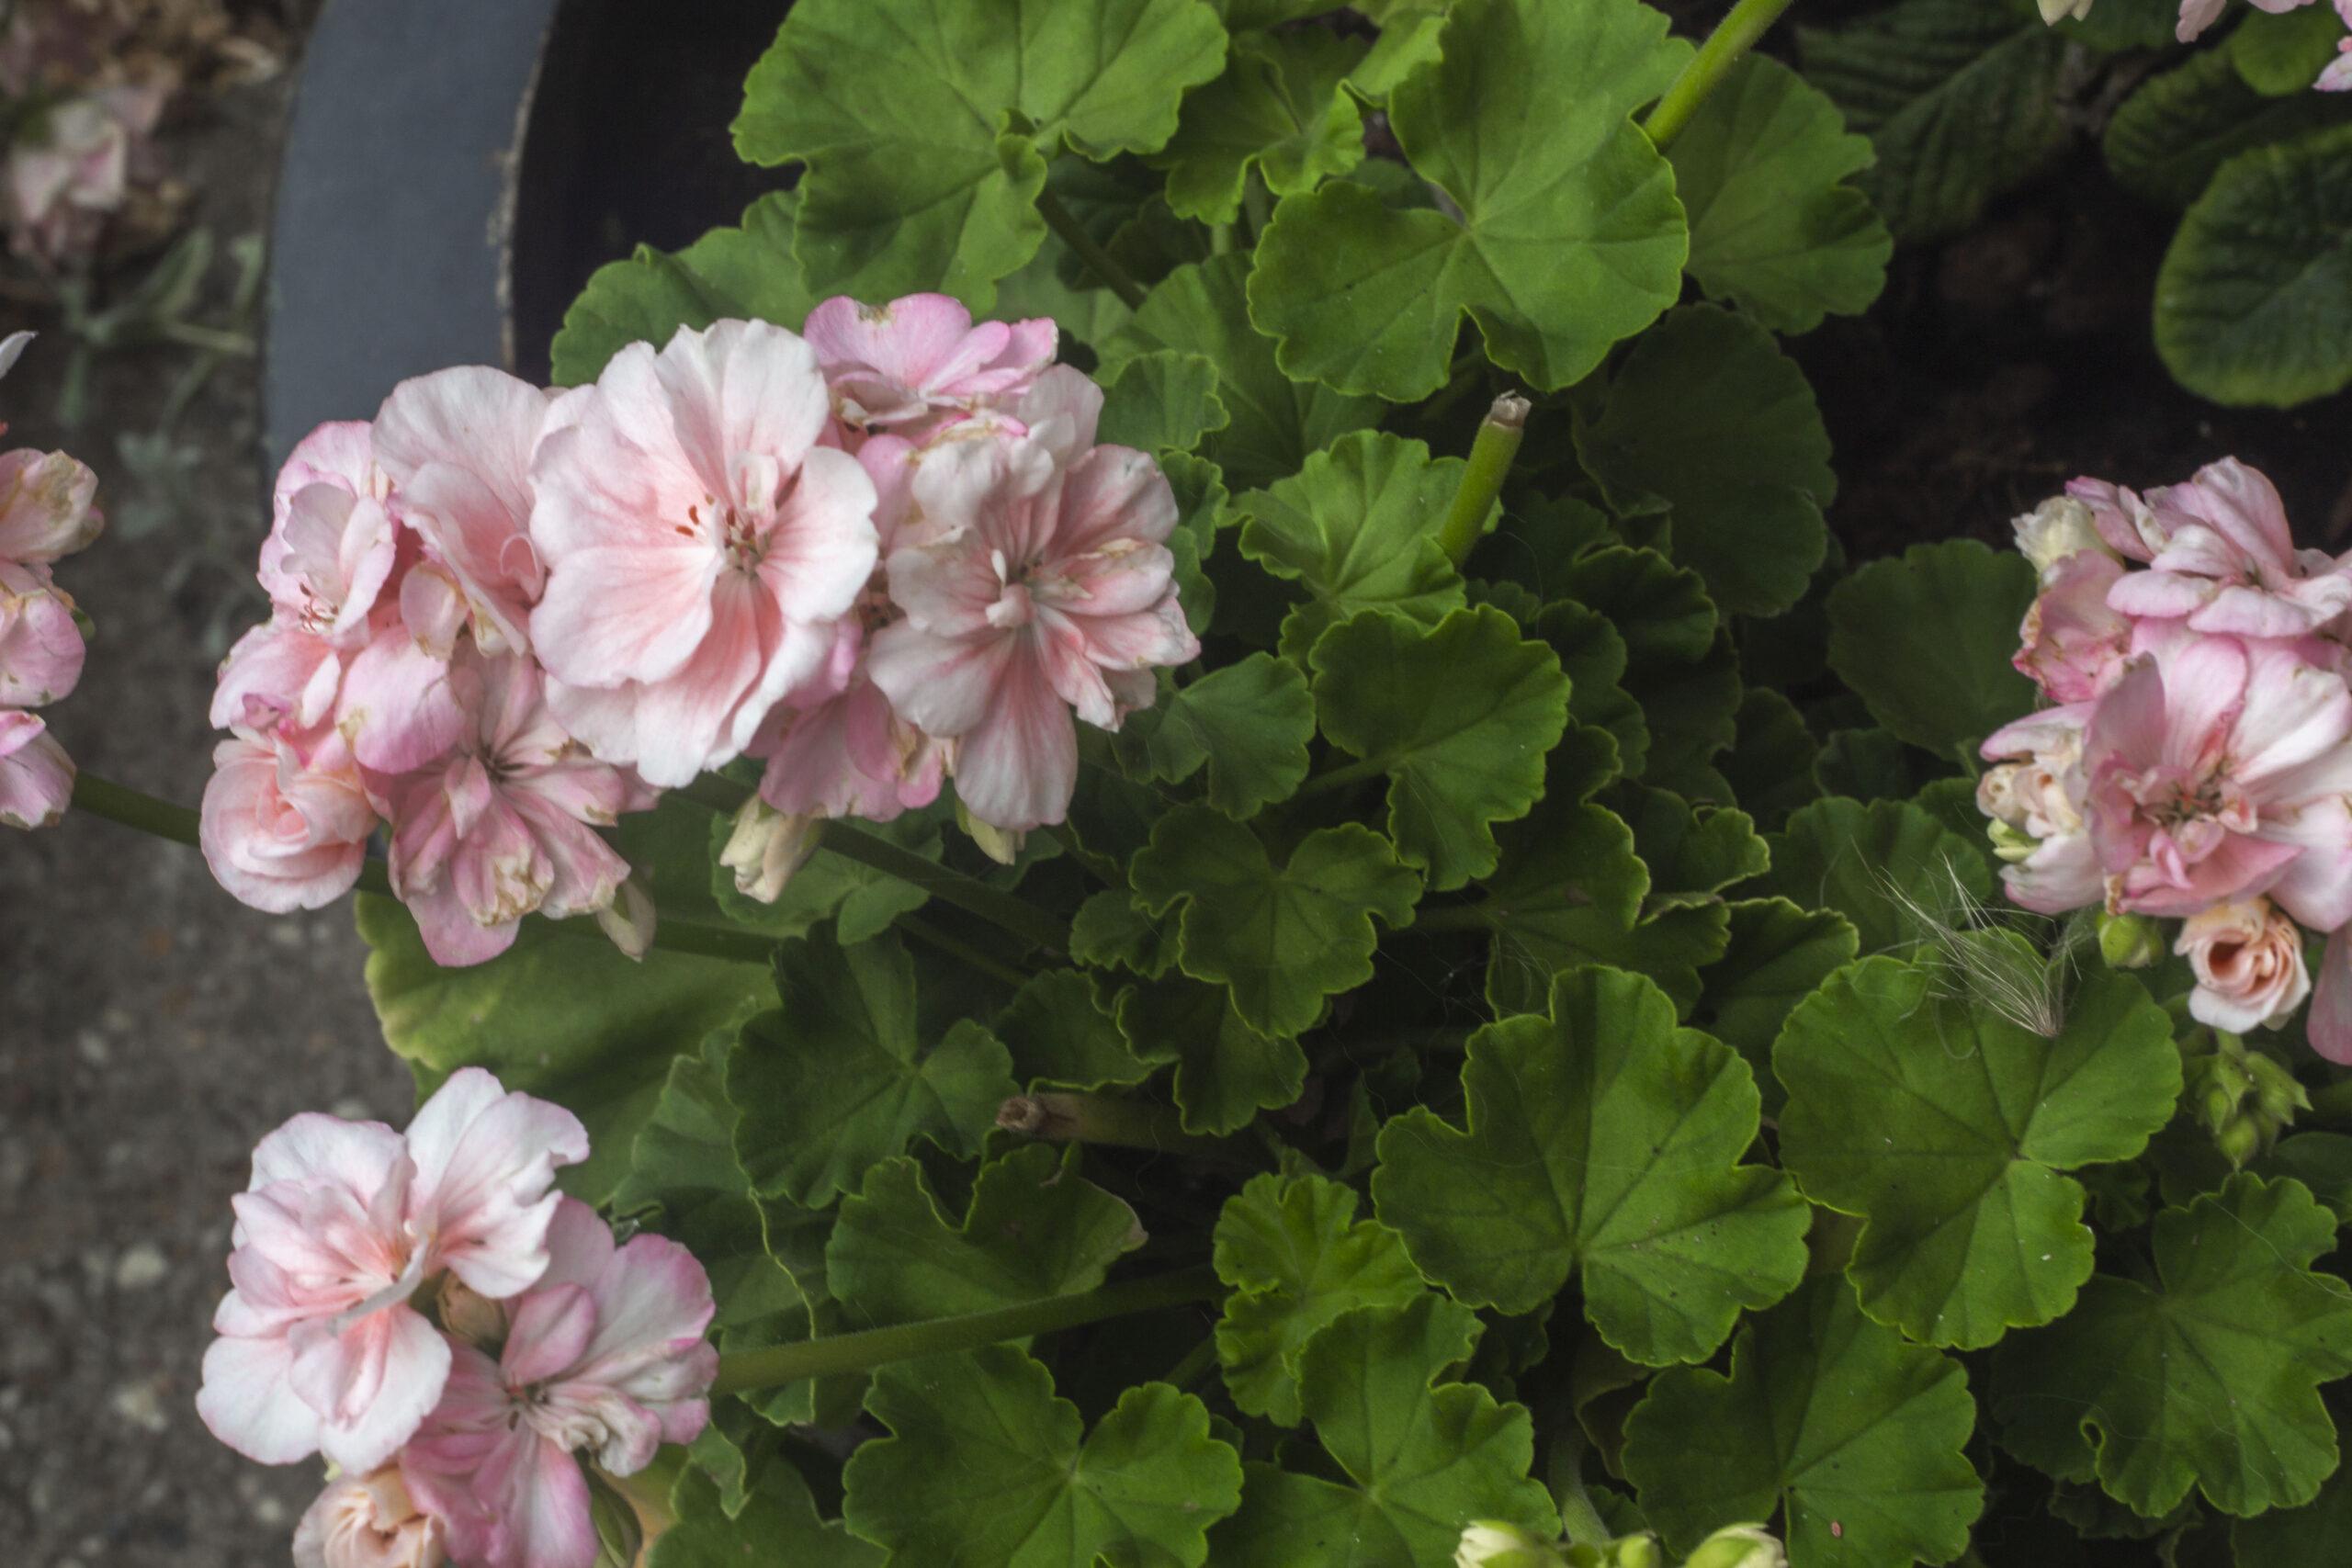 Smukke pelargonier i havens krukker